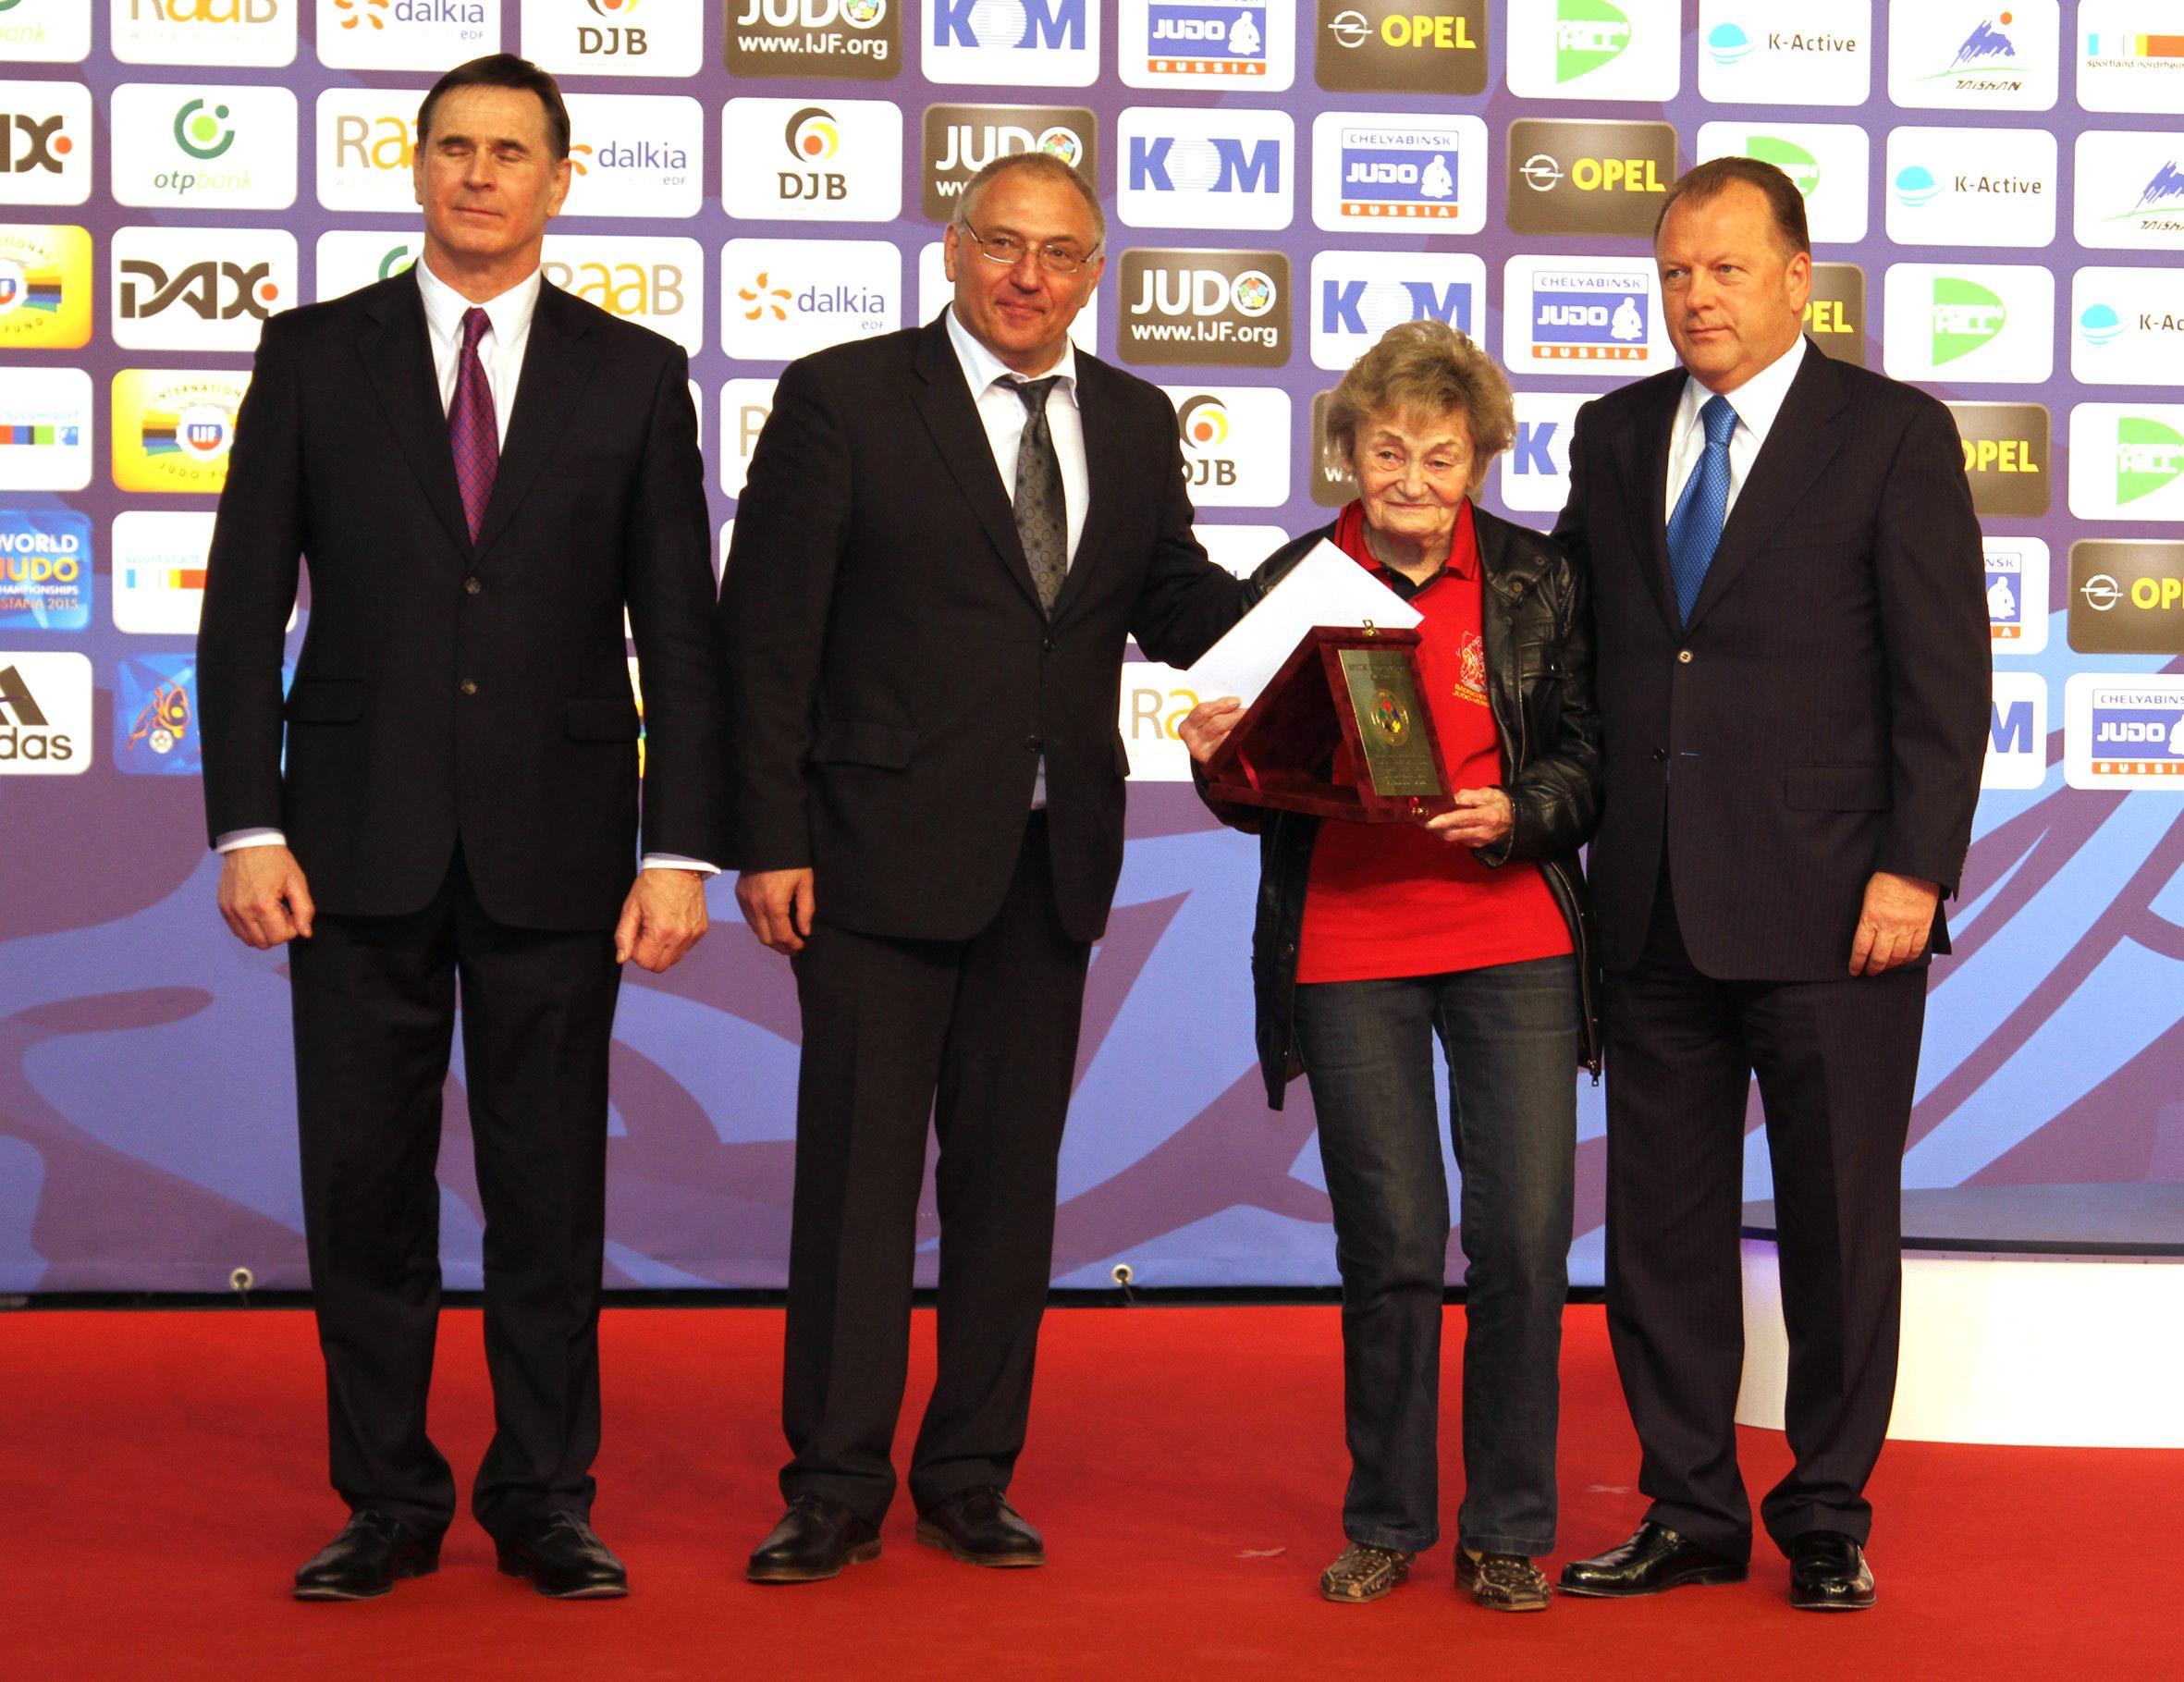 Unsere Uschi Braun erhält große Ehre des Weltverbandes